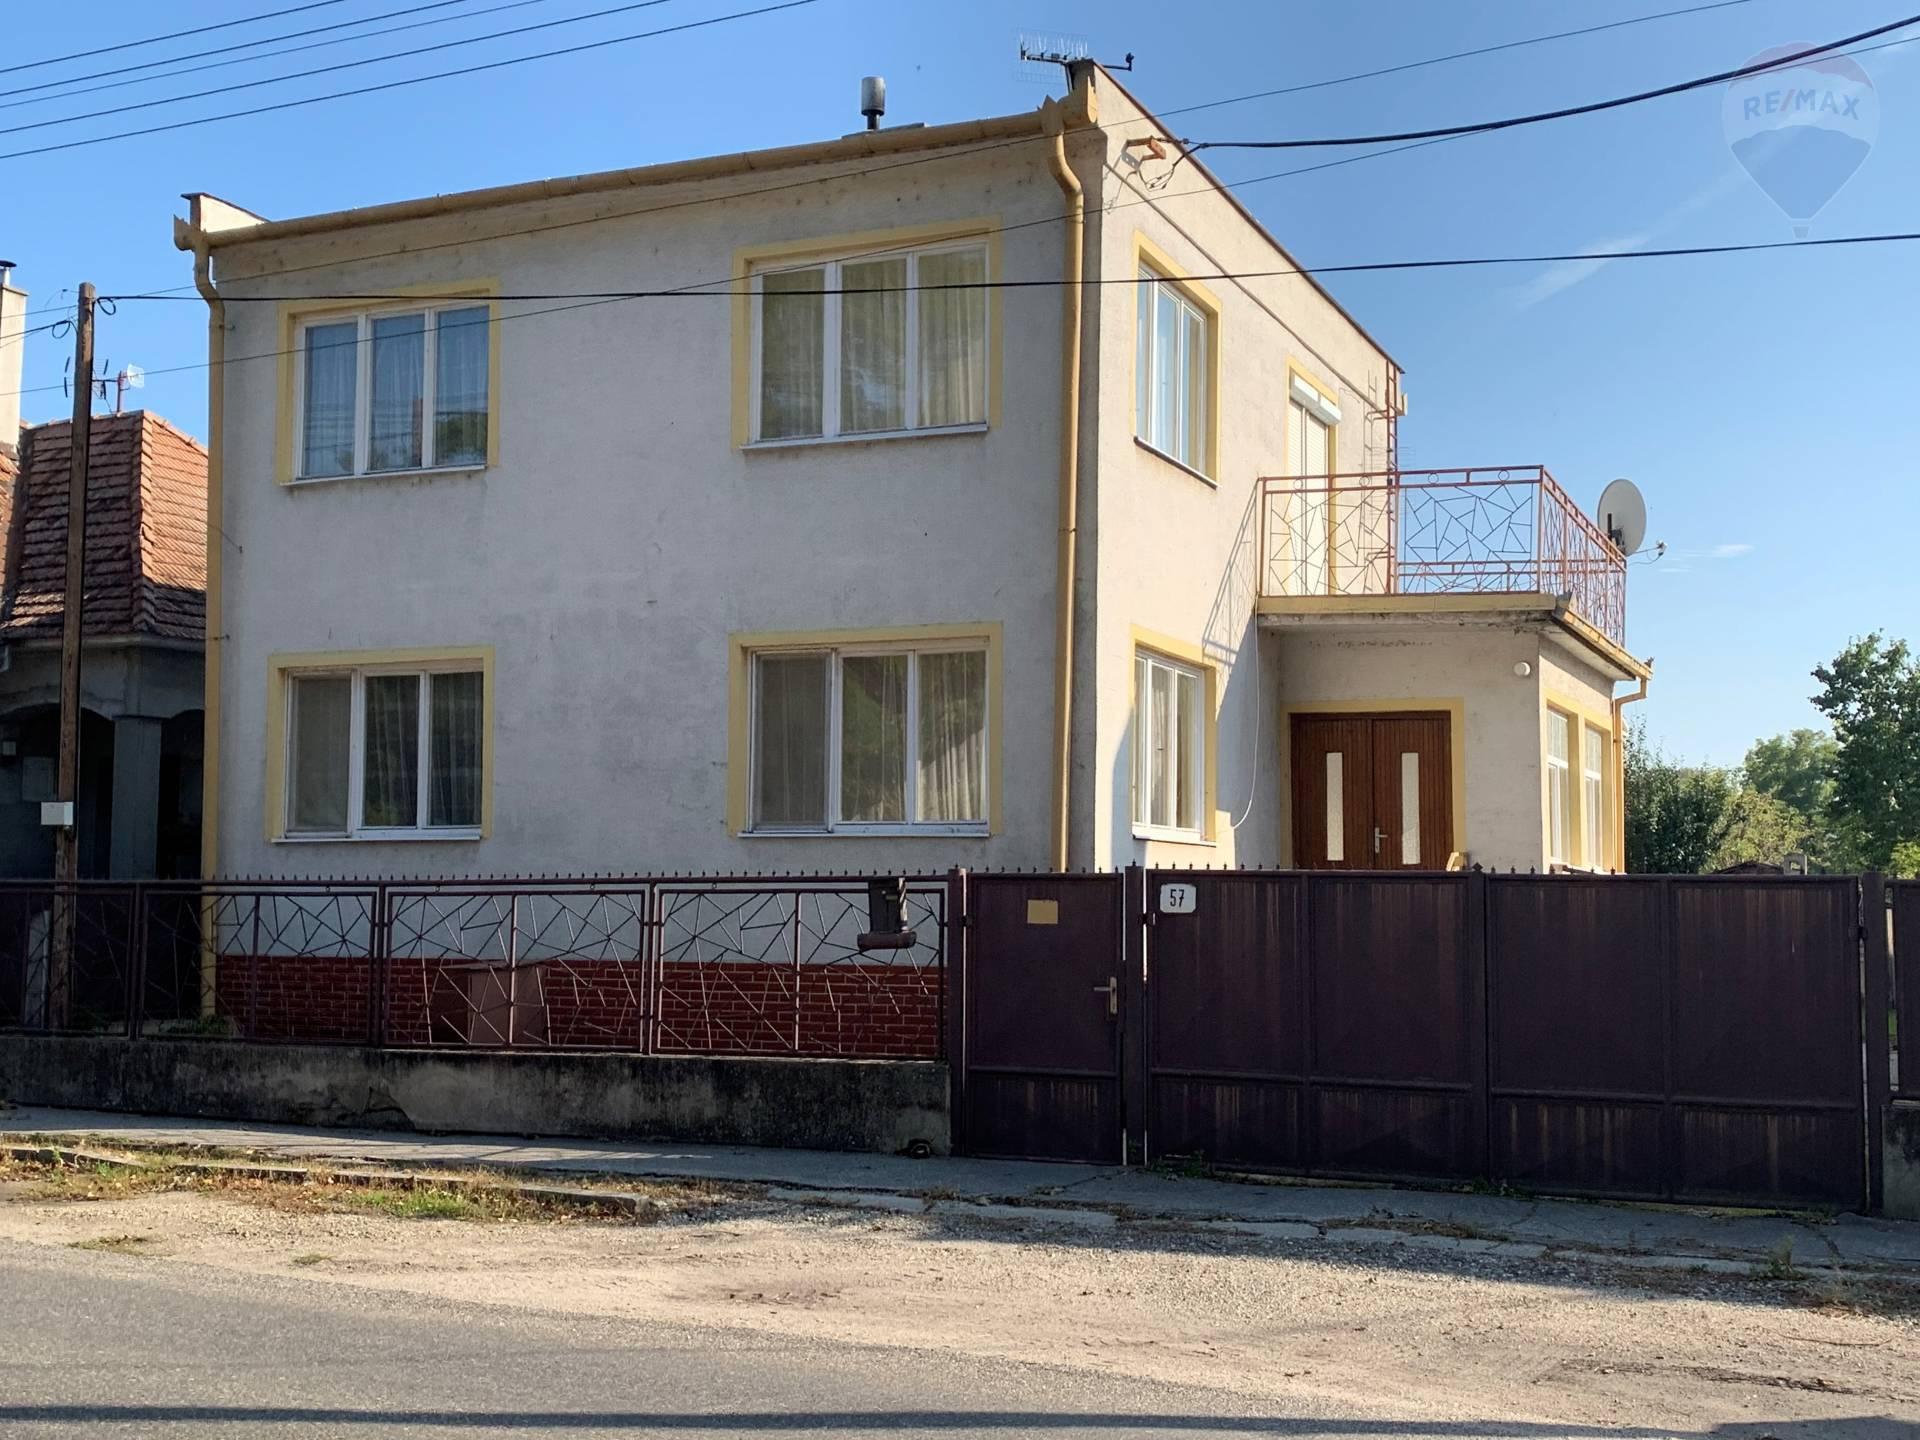 Predaj domu 160 m2, Kráľovičove Kračany -